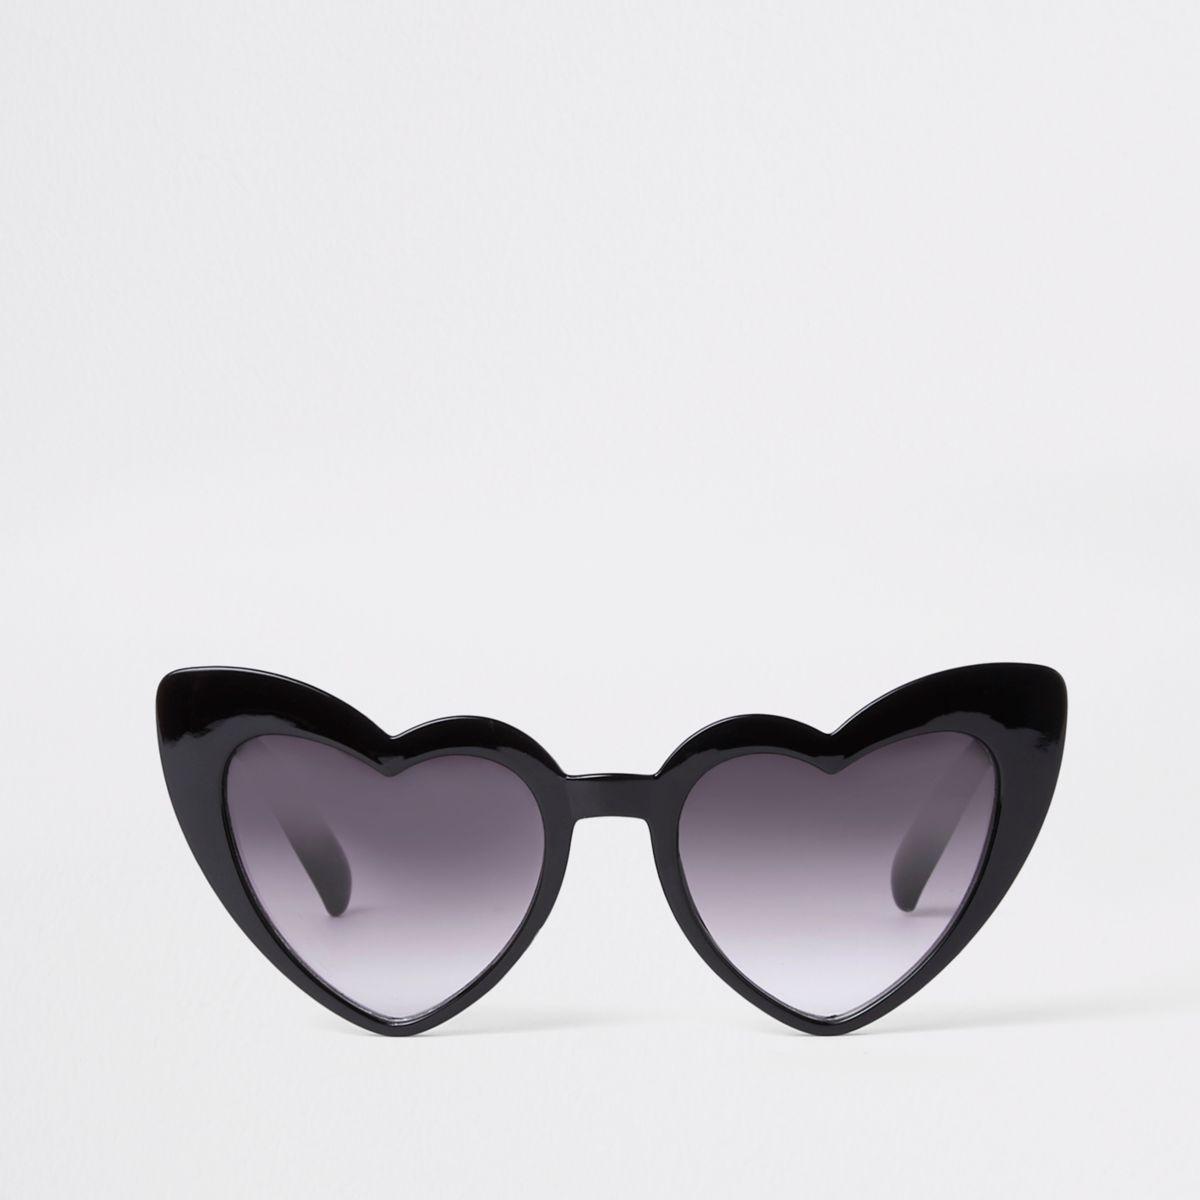 Girls black heart cat eye sunglasses